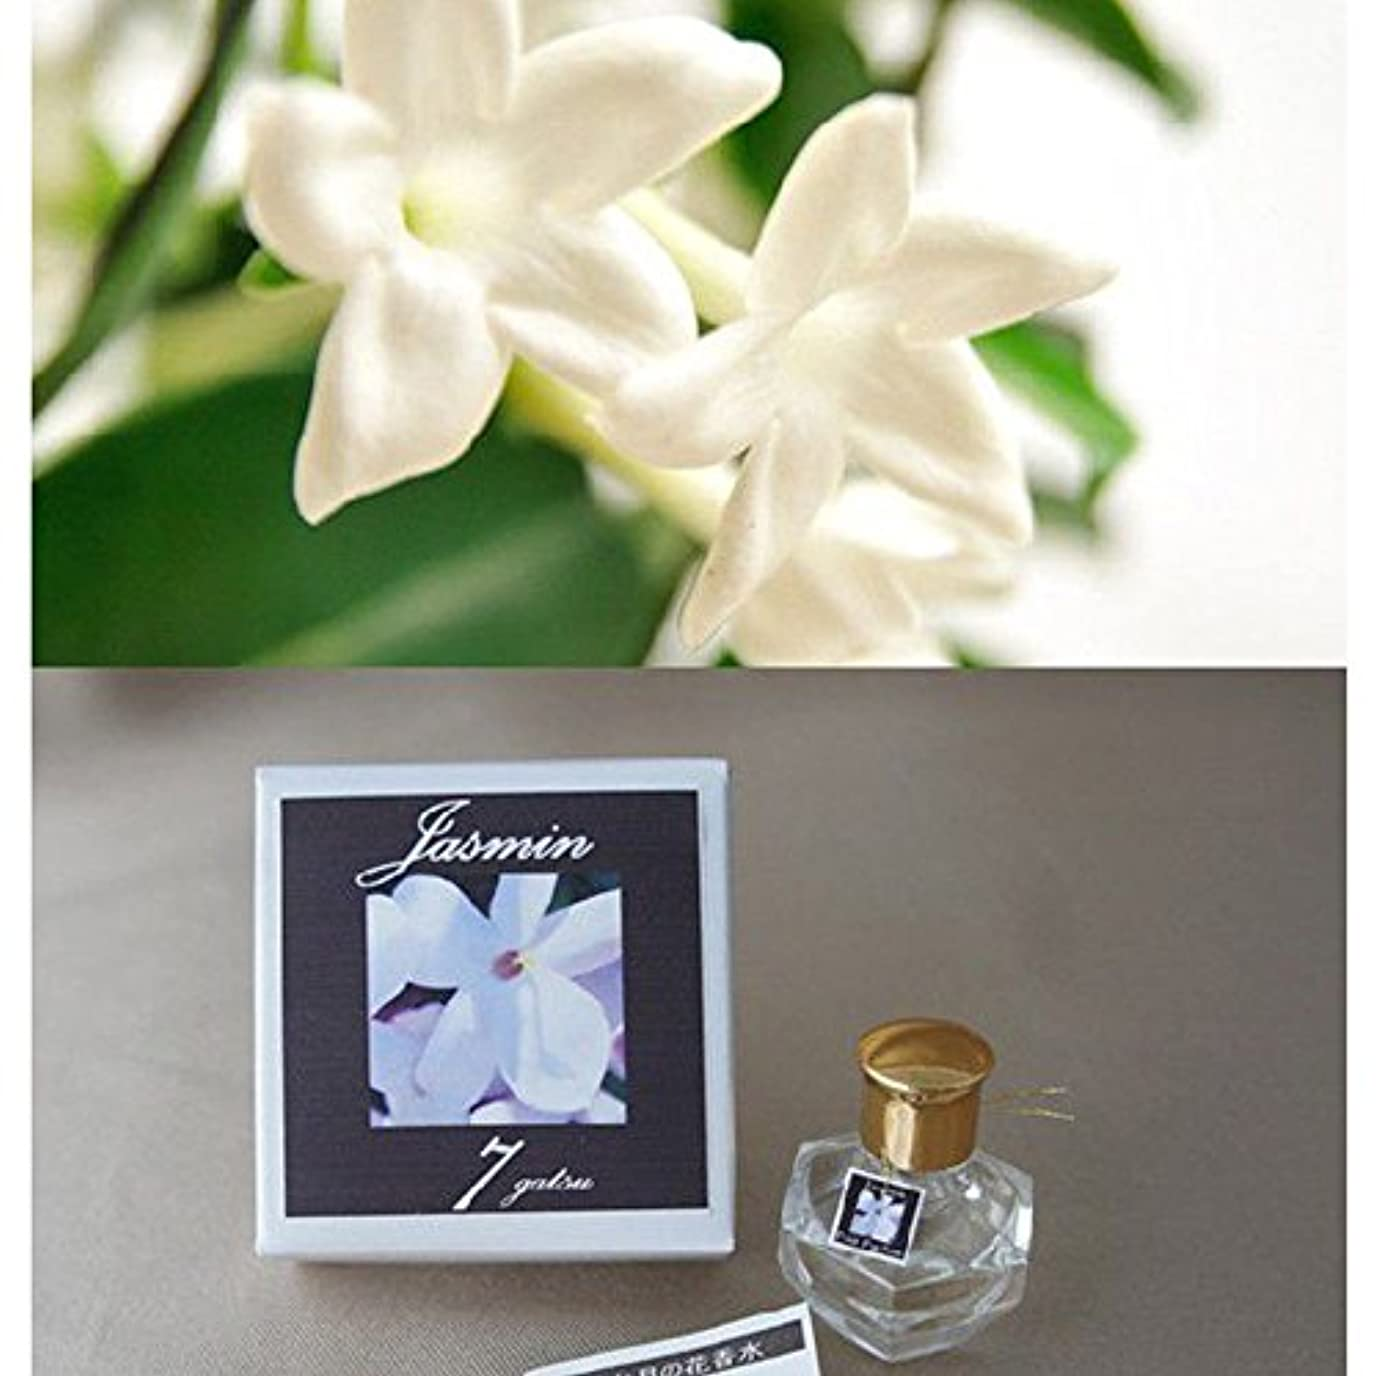 宴会細胞警戒香運おみくじ&相性図鑑付き「12か月の花香水」 東山植物園の自然の花の香りから生まれた香水です。 (7月 ジャスミン)